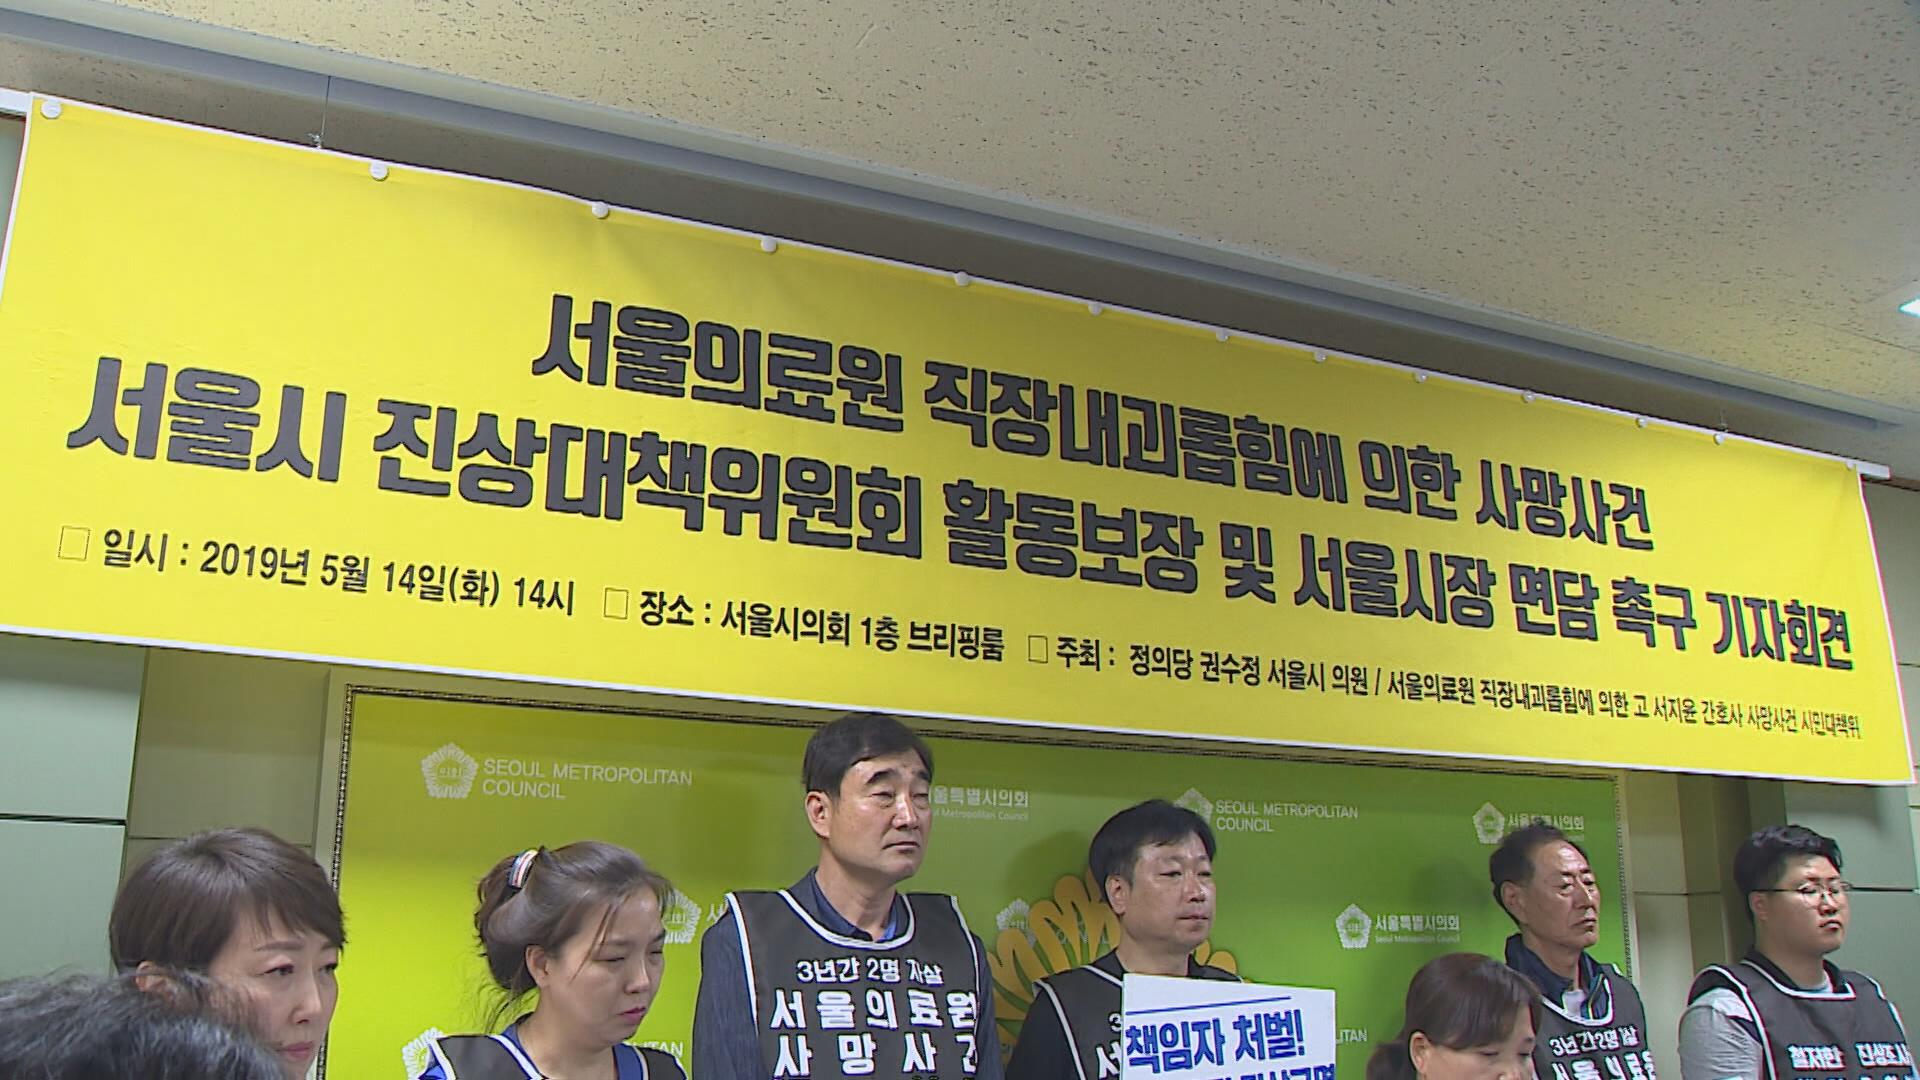 '서울의료원 간호사 사망' 3차례 조사 끝에 남은 무력감